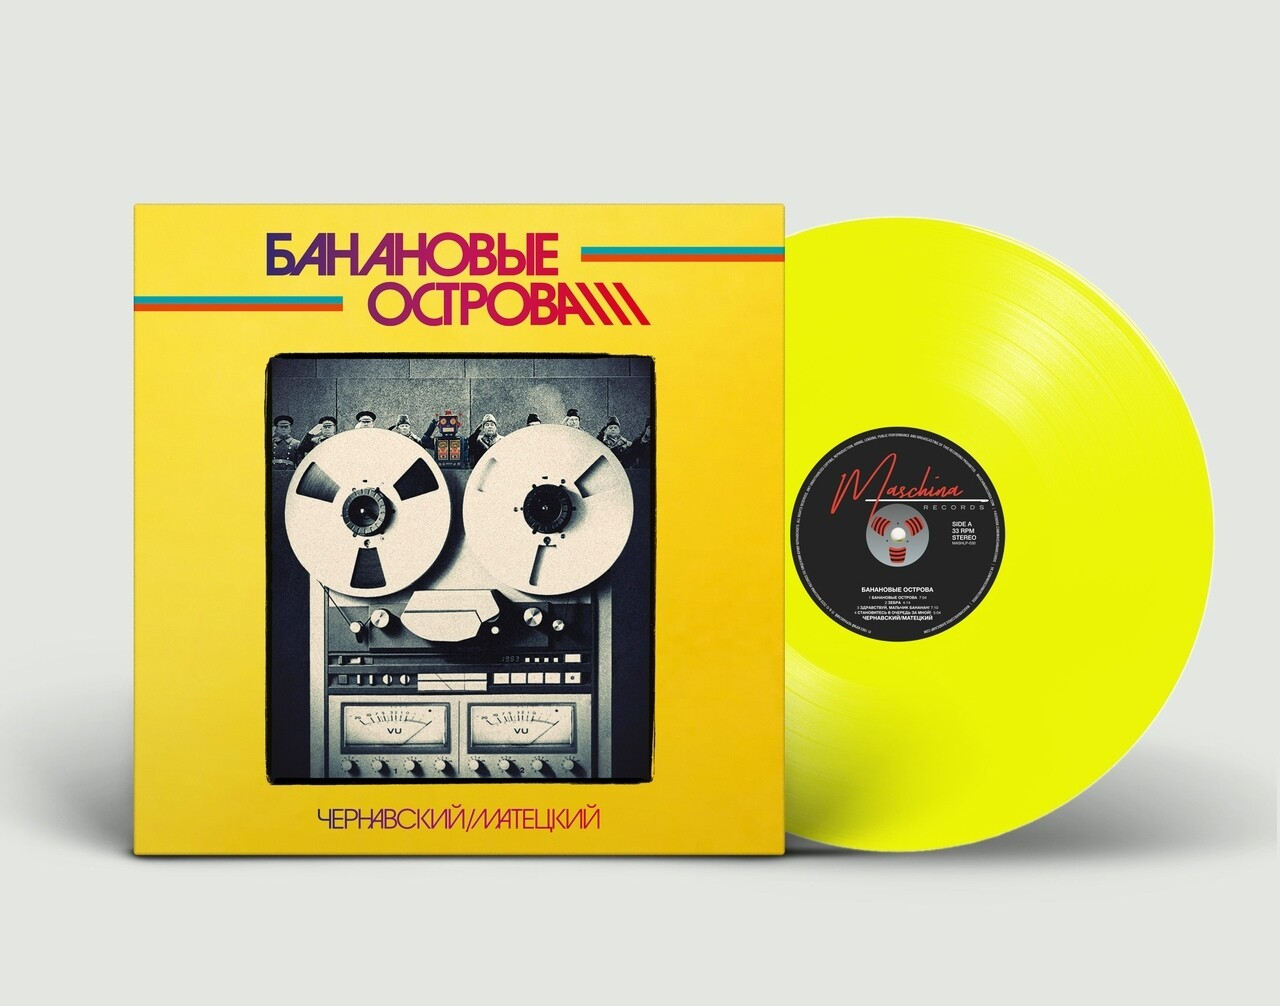 LP: Чернавский & Матецкий — «Банановые Острова» (1984/2020) [Limited Yellow Vinyl]